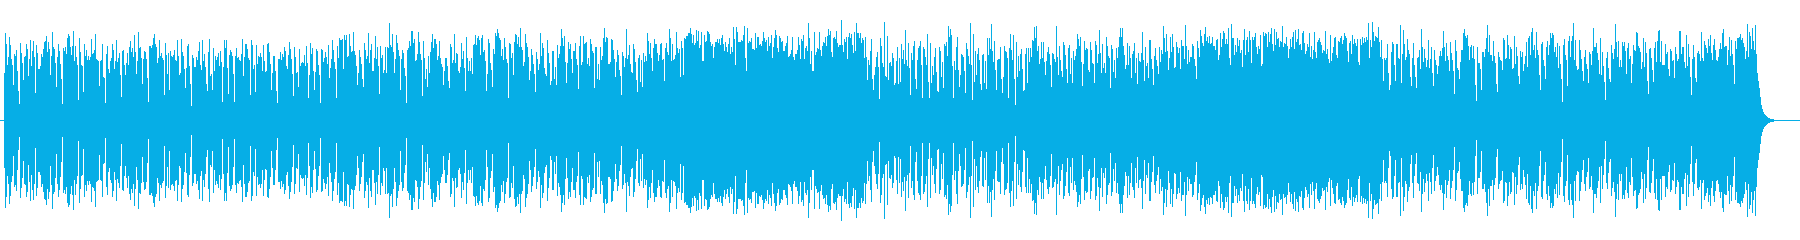 お洒落なピアノシンセの再生済みの波形